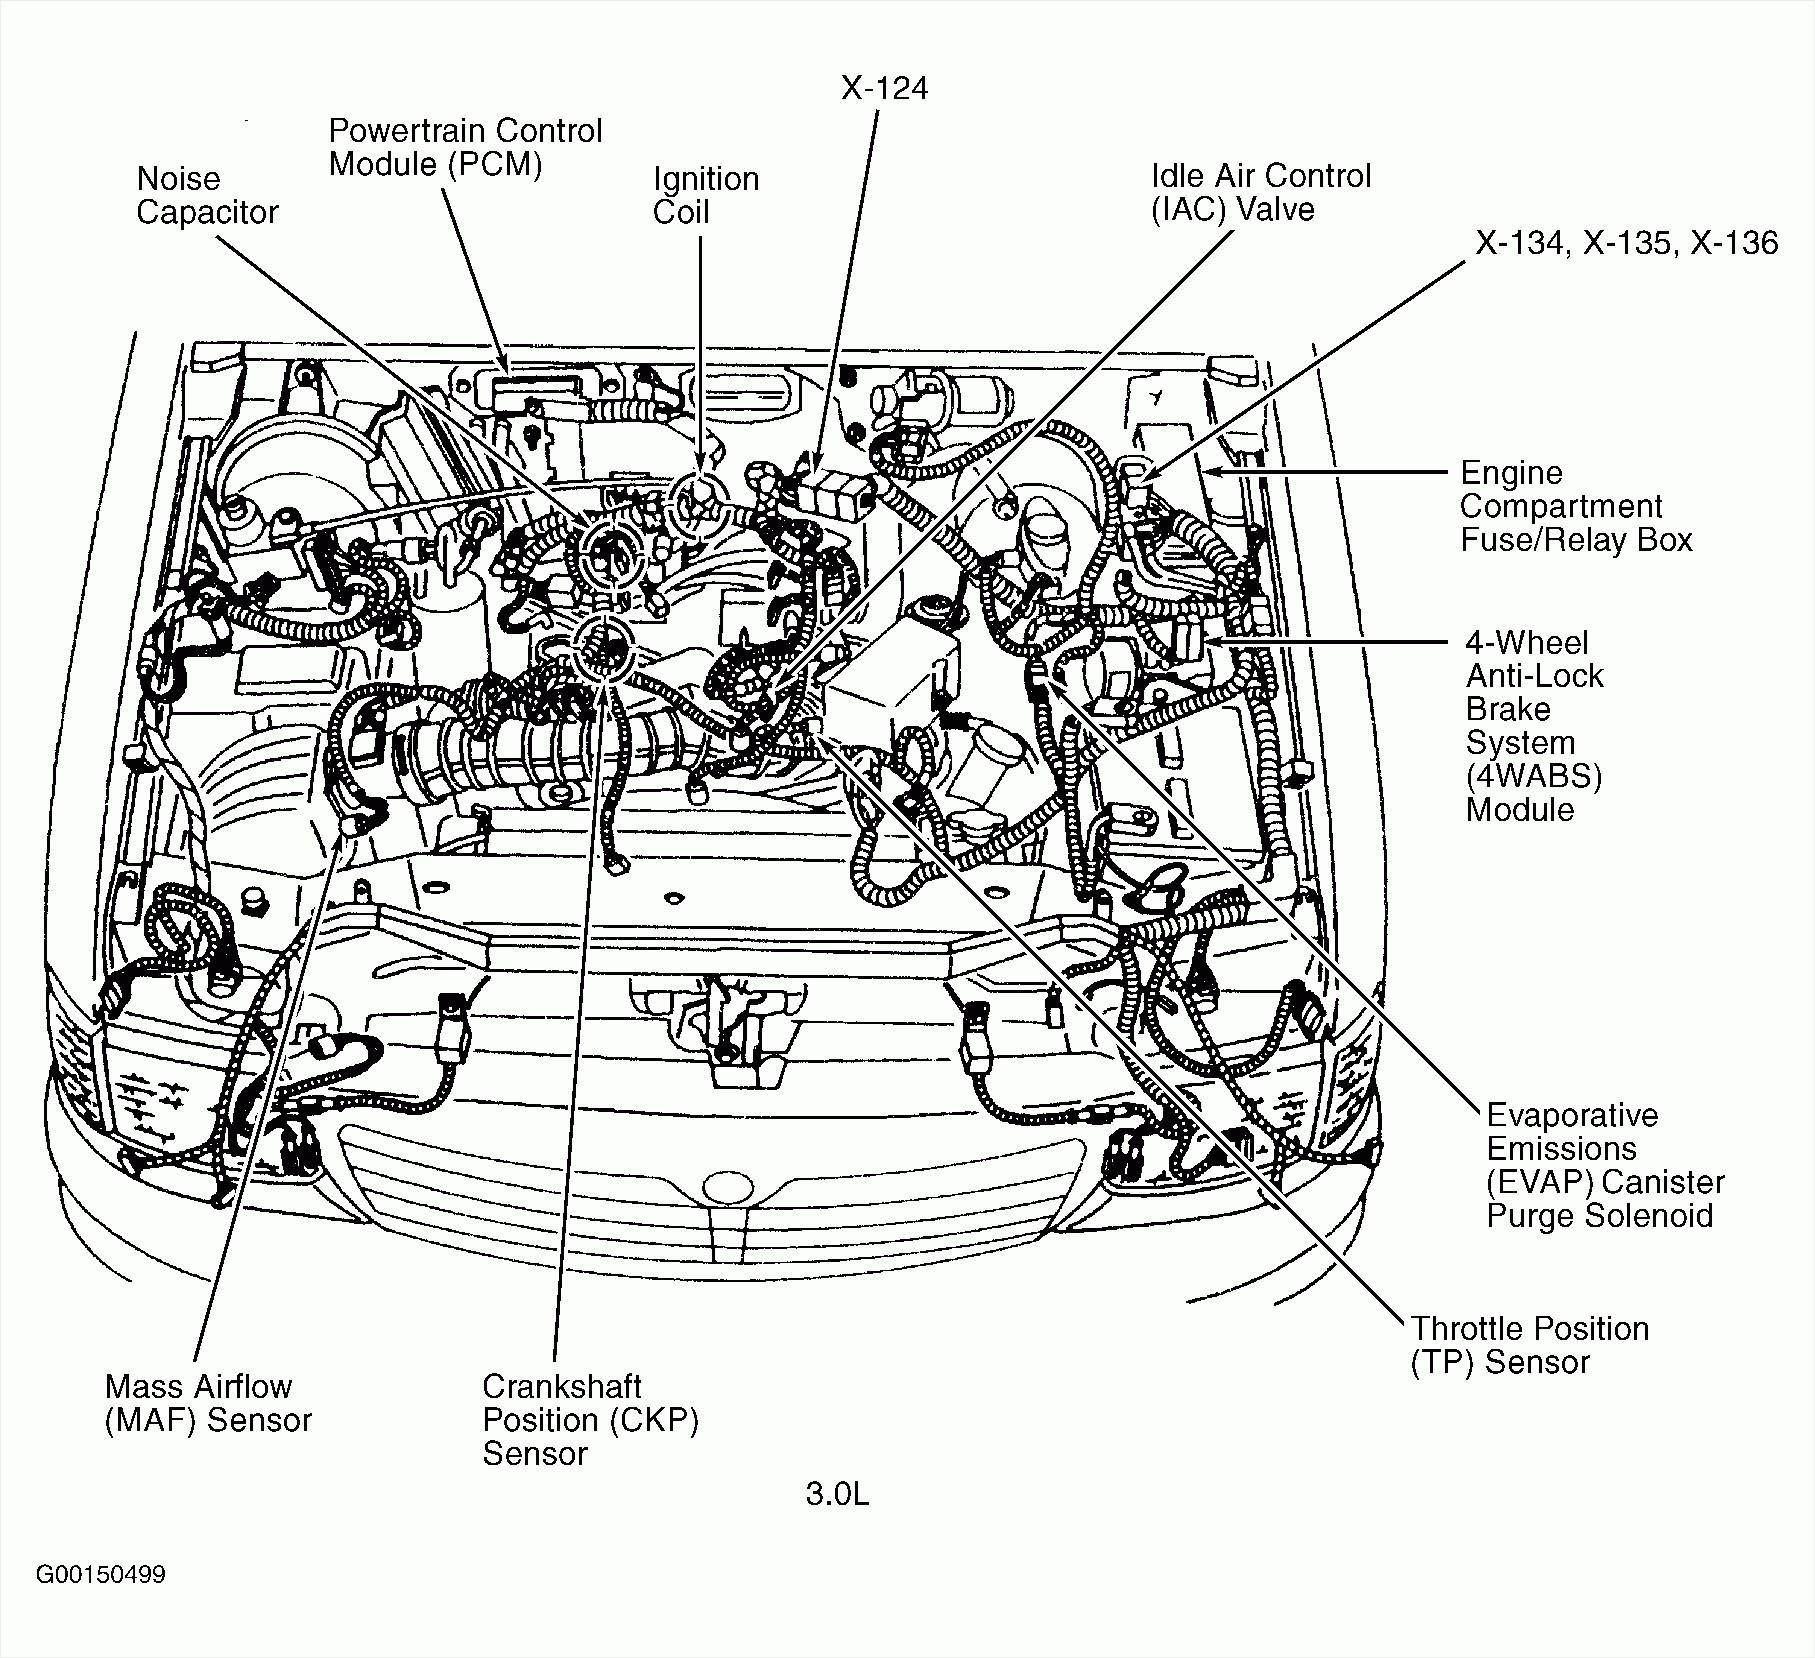 Volkswagen Diesel Engine Diagram - seniorsclub.it layout-rice - layout -rice.seniorsclub.itlayout-rice.seniorsclub.it